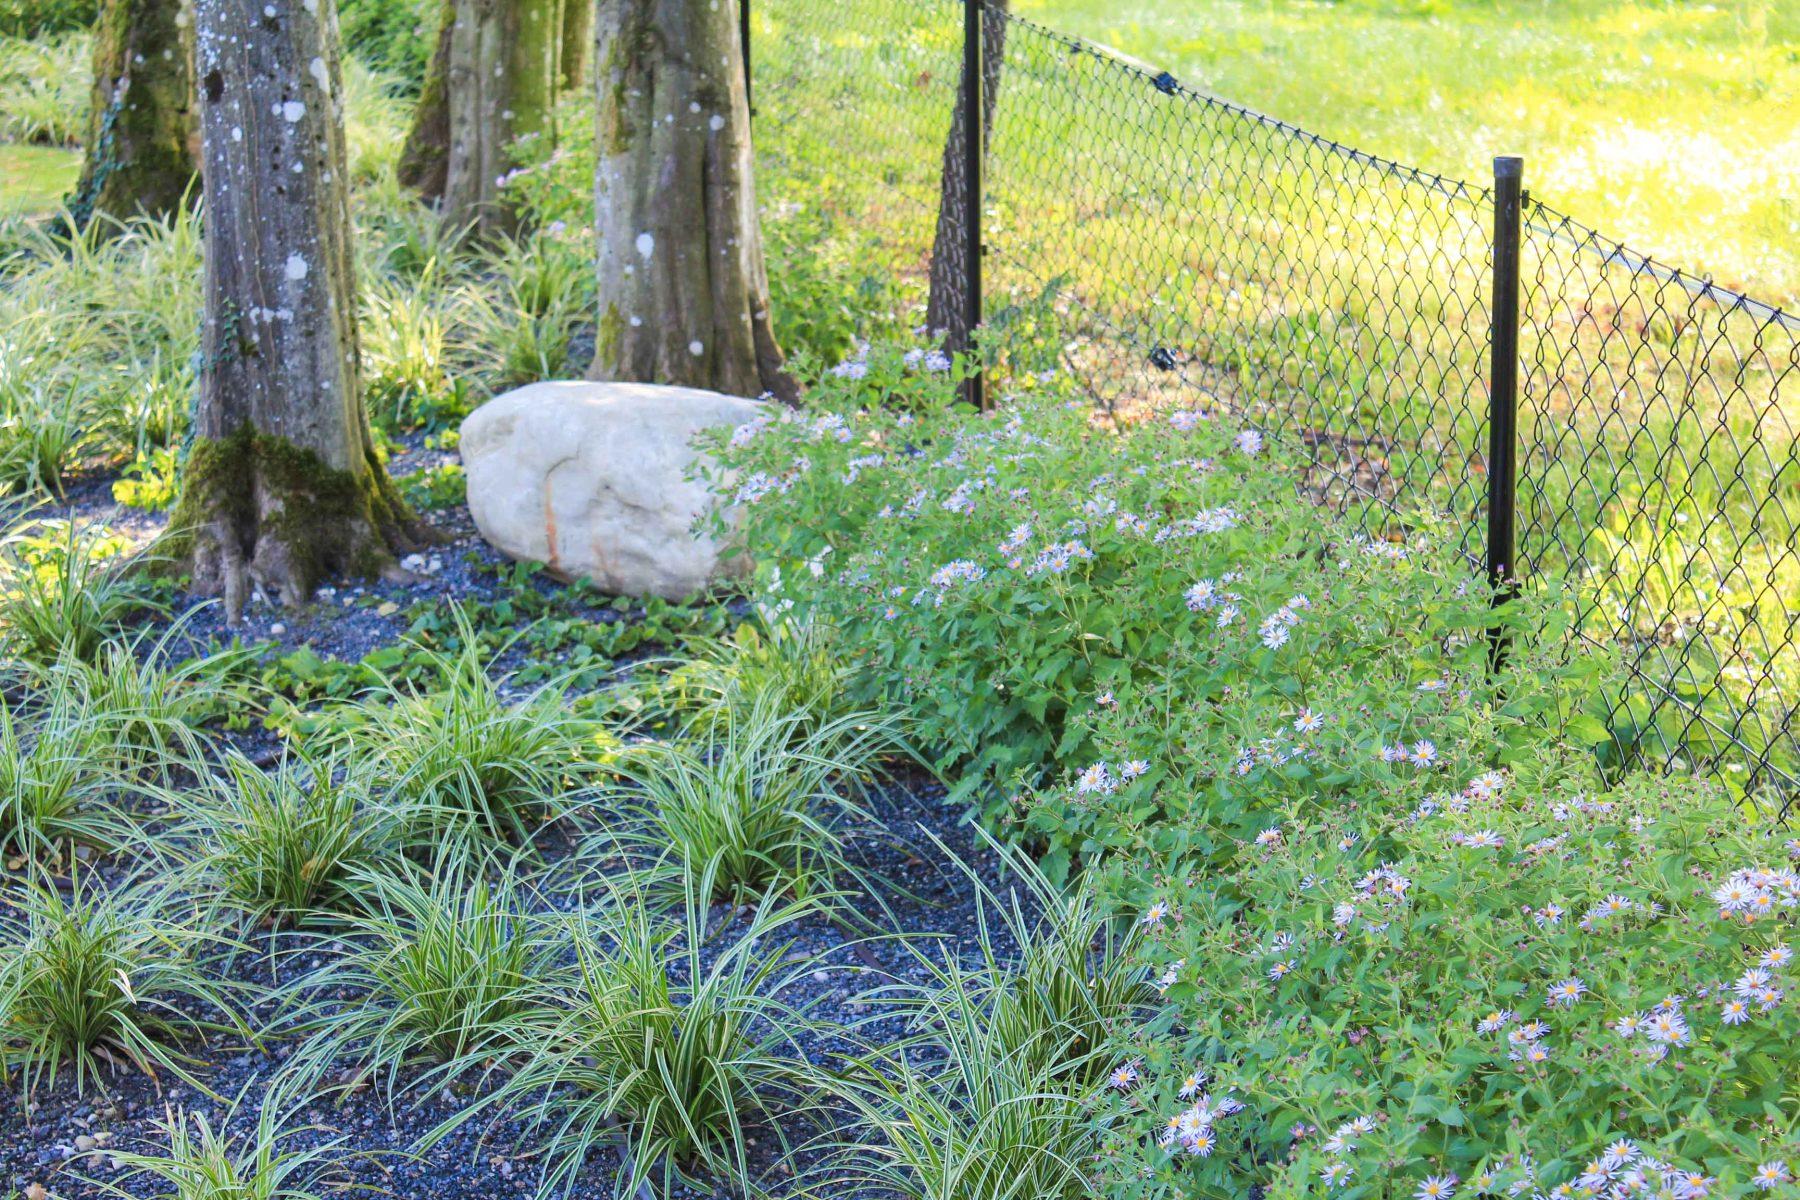 Immergrünes Ziergras als Unterpflanzung unter Bäumen